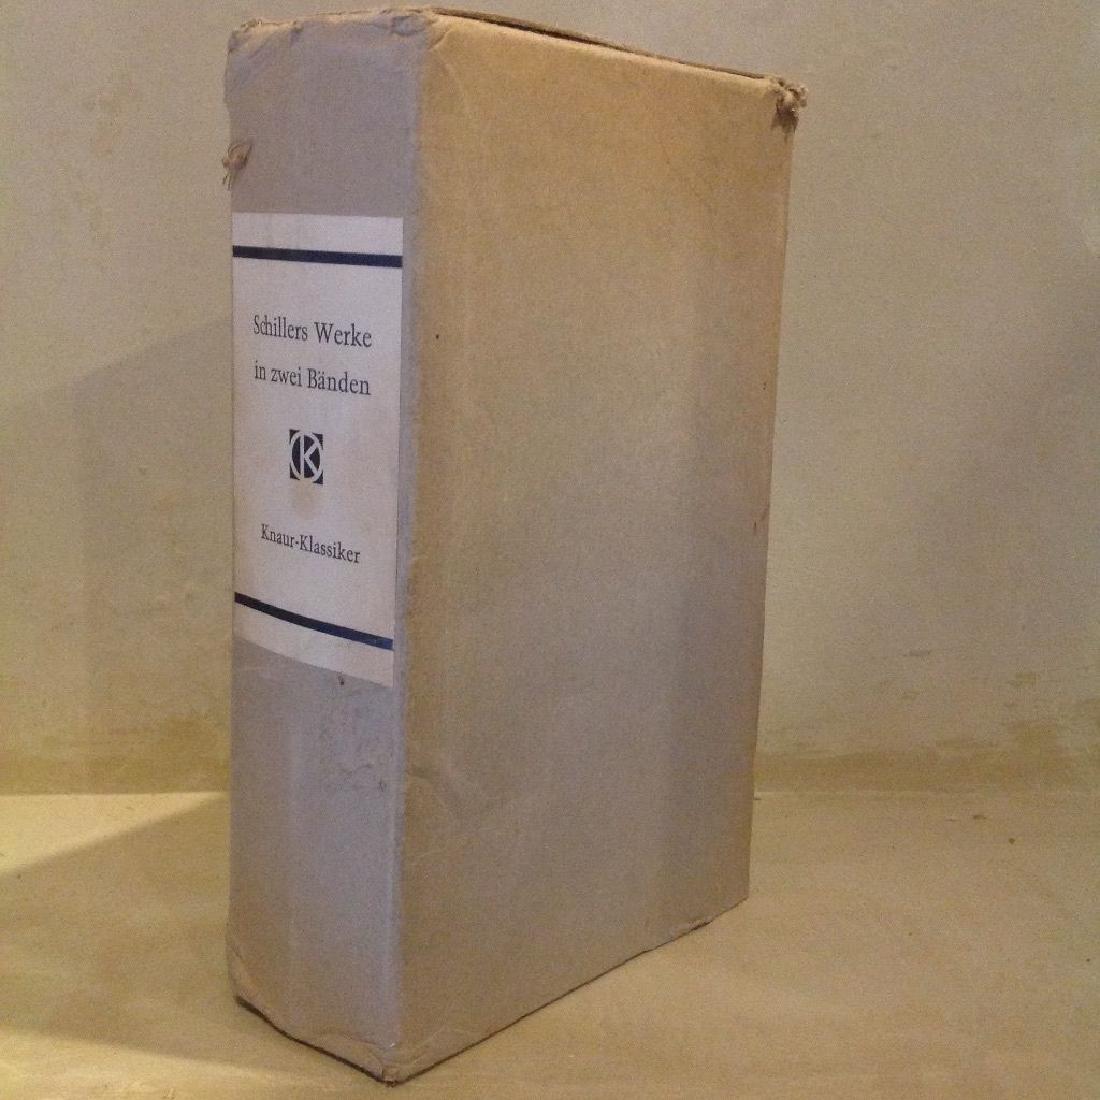 Schillers Werke, in Zwei Banden (2 Volumes, 1964)